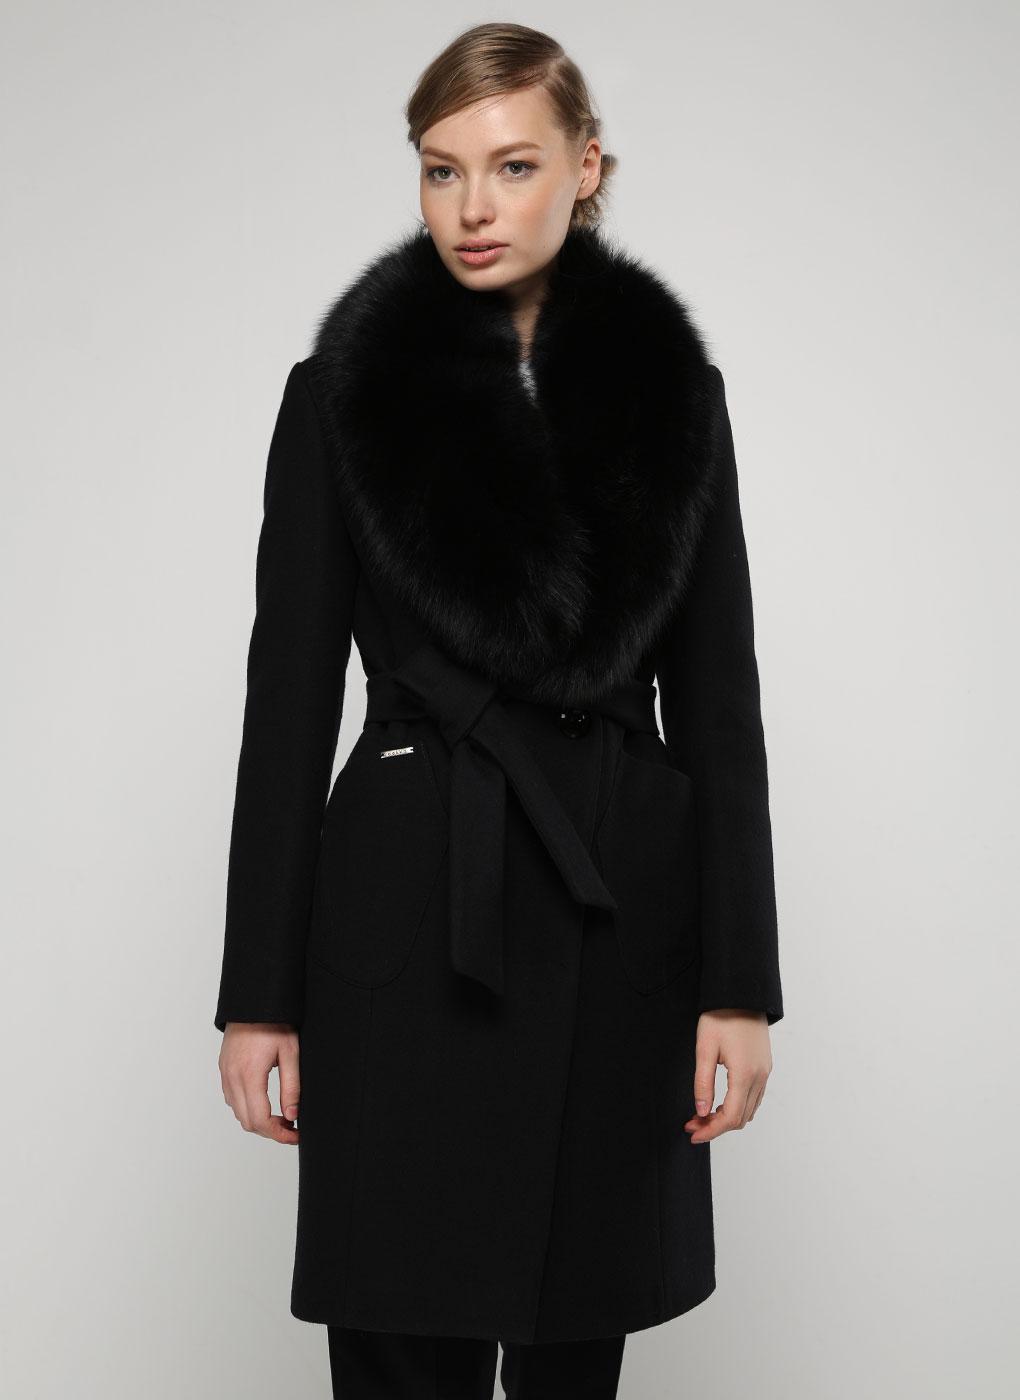 Пальто приталенное шерстяное 32, idekka